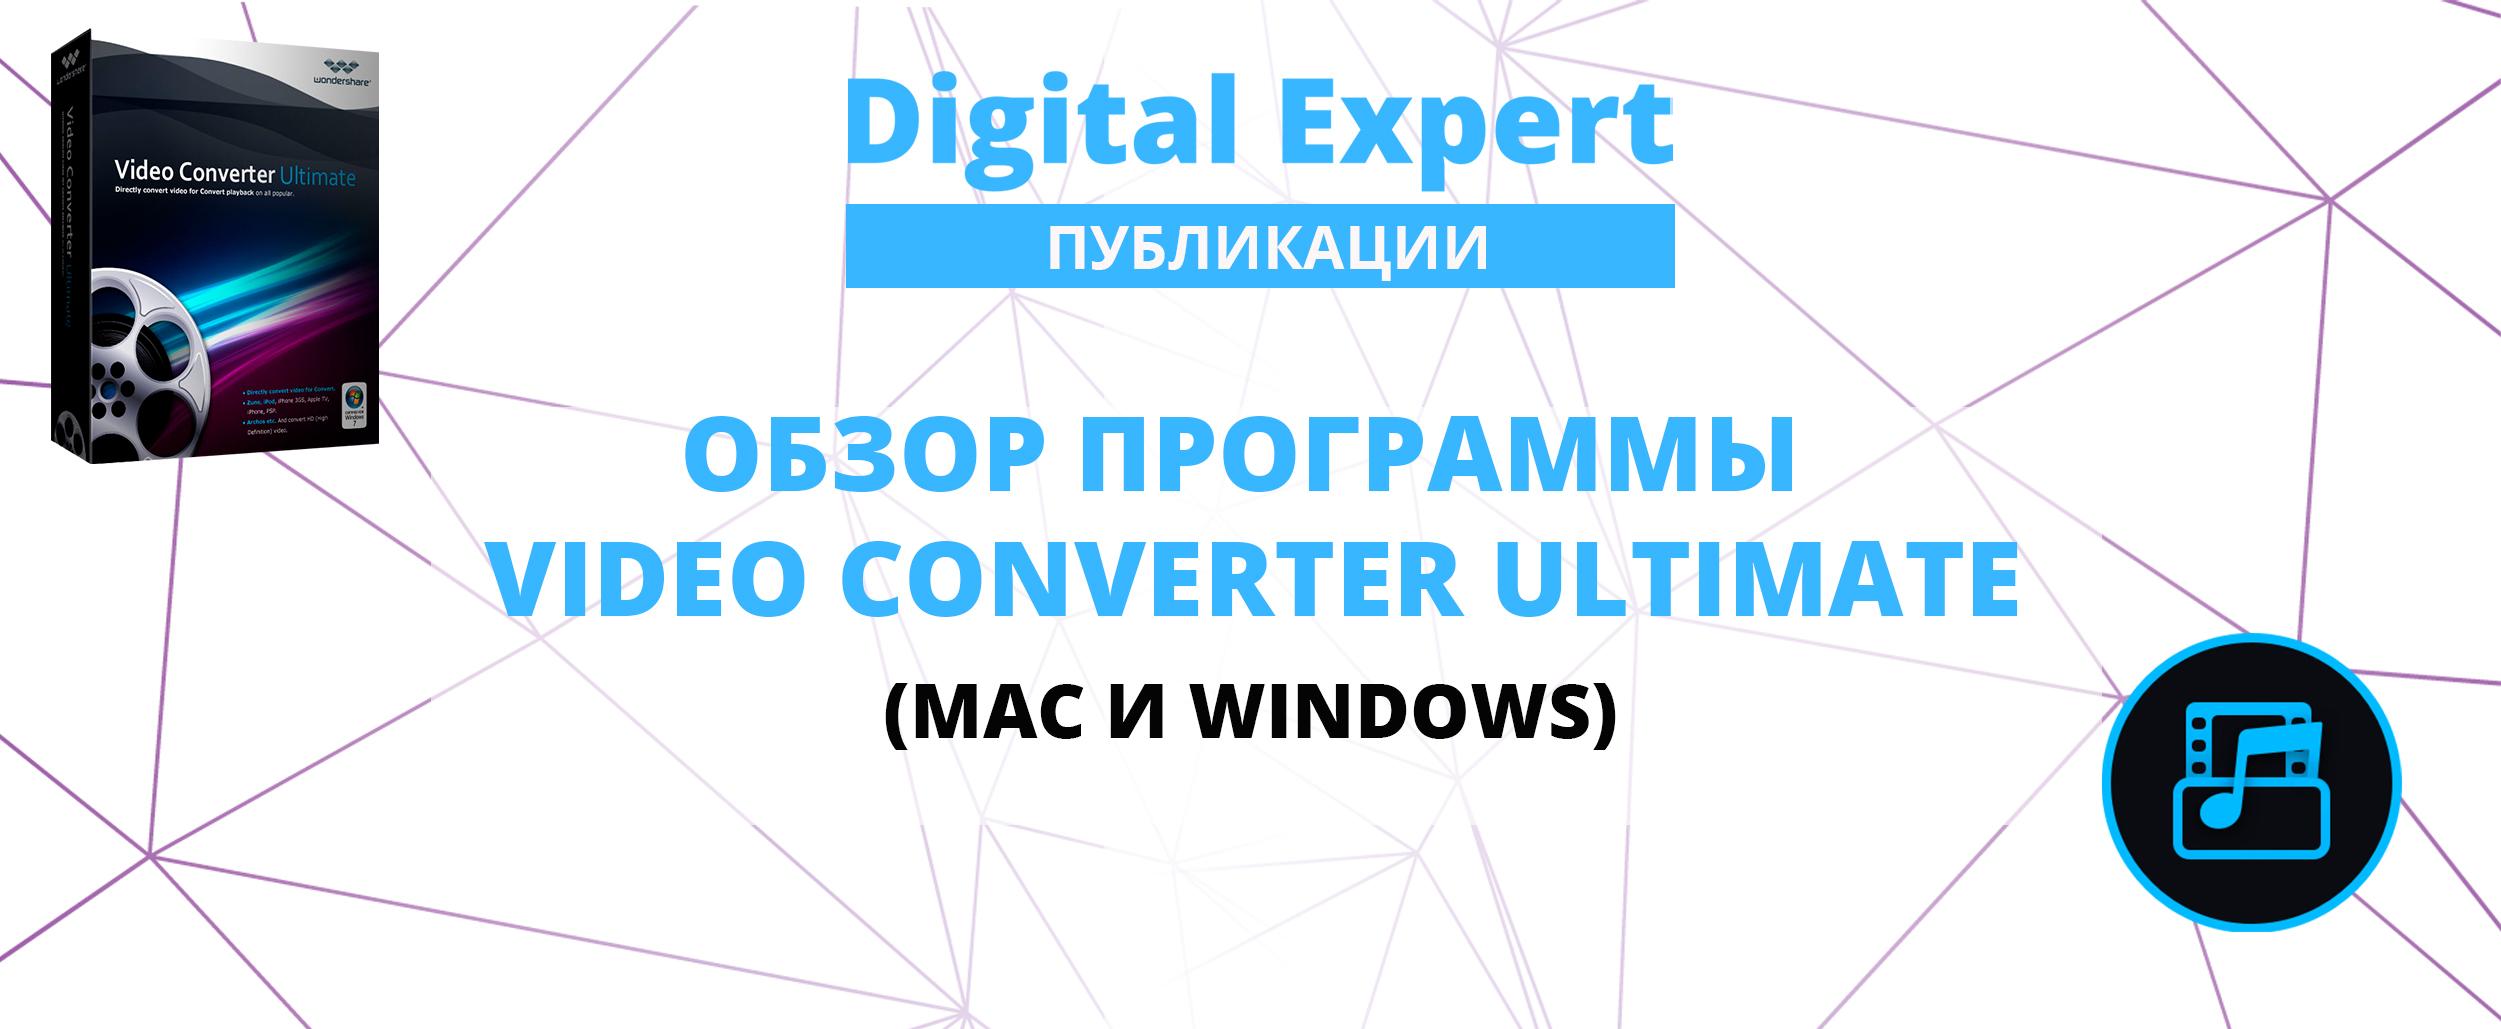 Обзор Wondershare Video Converter Ultimate — безумно скоростной конвертер видео для windows и mac